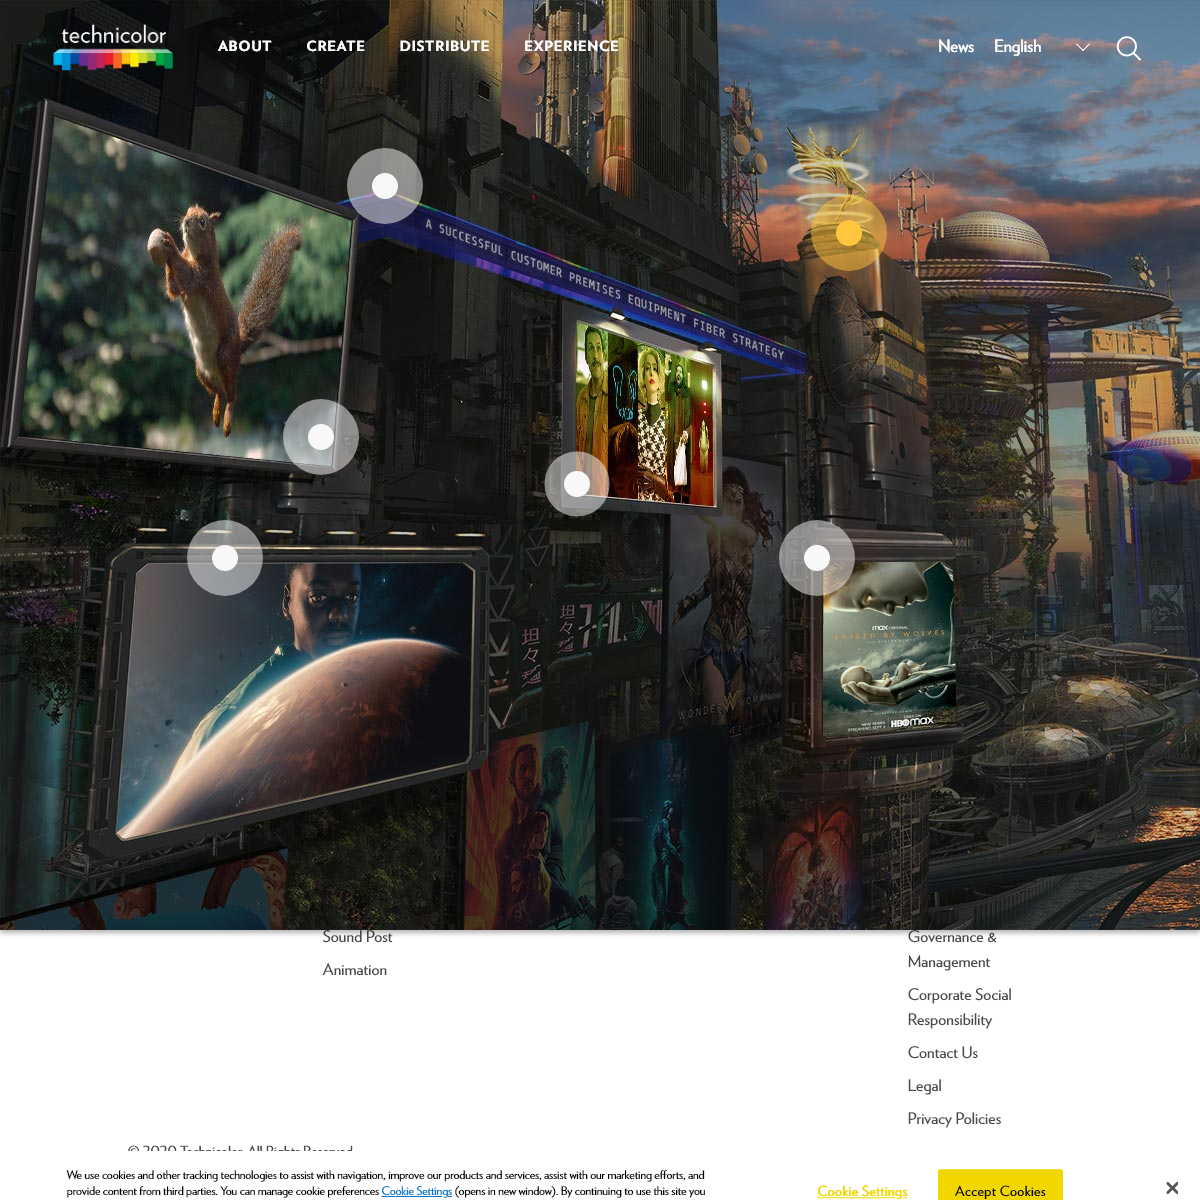 Technicolor Home Page